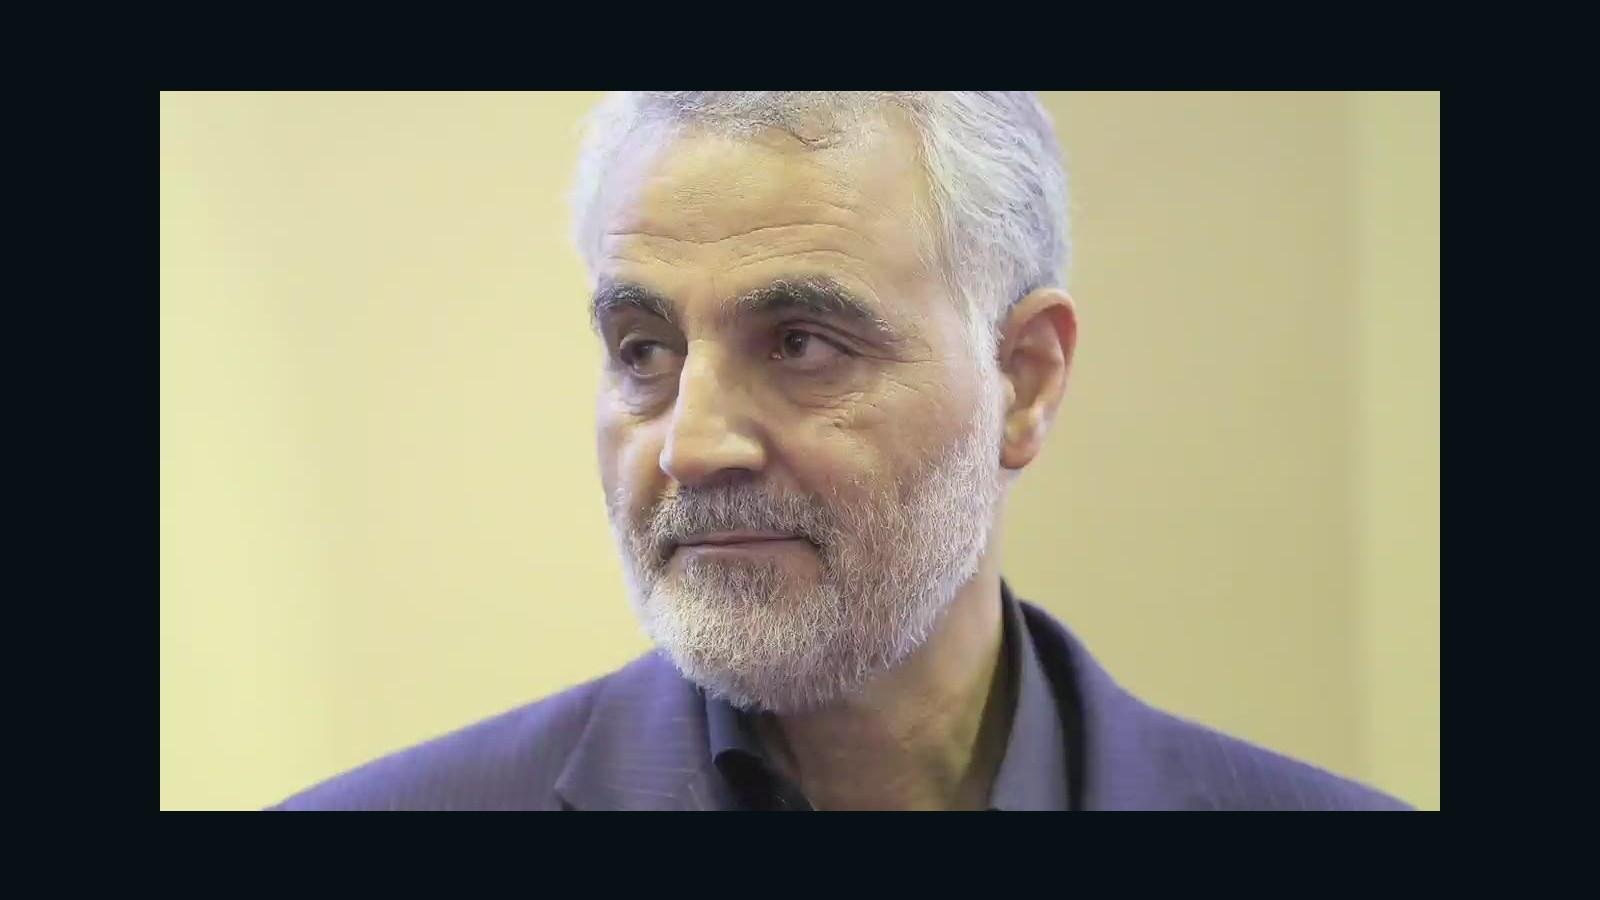 National security analyst: Tötung von iranischen Allgemeinen bedeutend ist